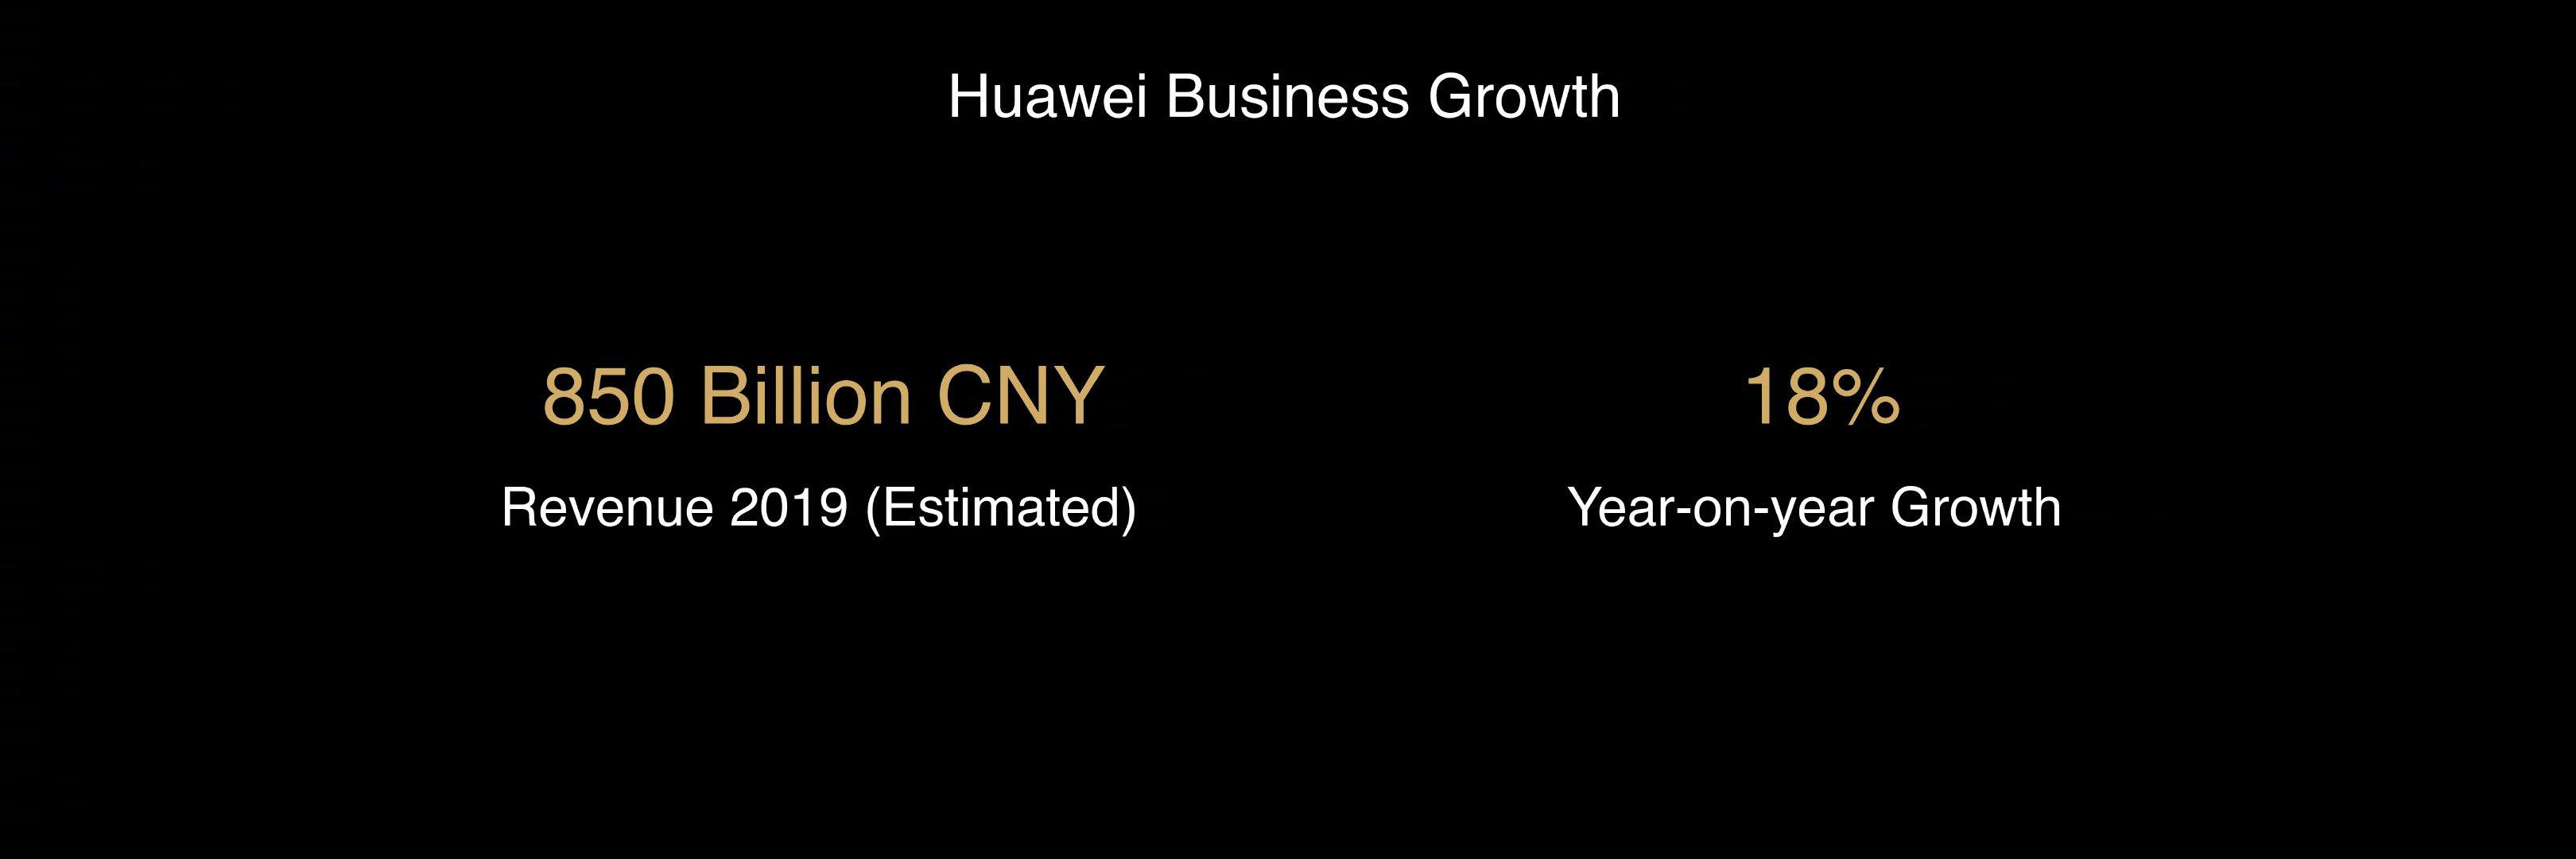 华为2019年收入8500亿元 5G手机出货量超过1000万台插图